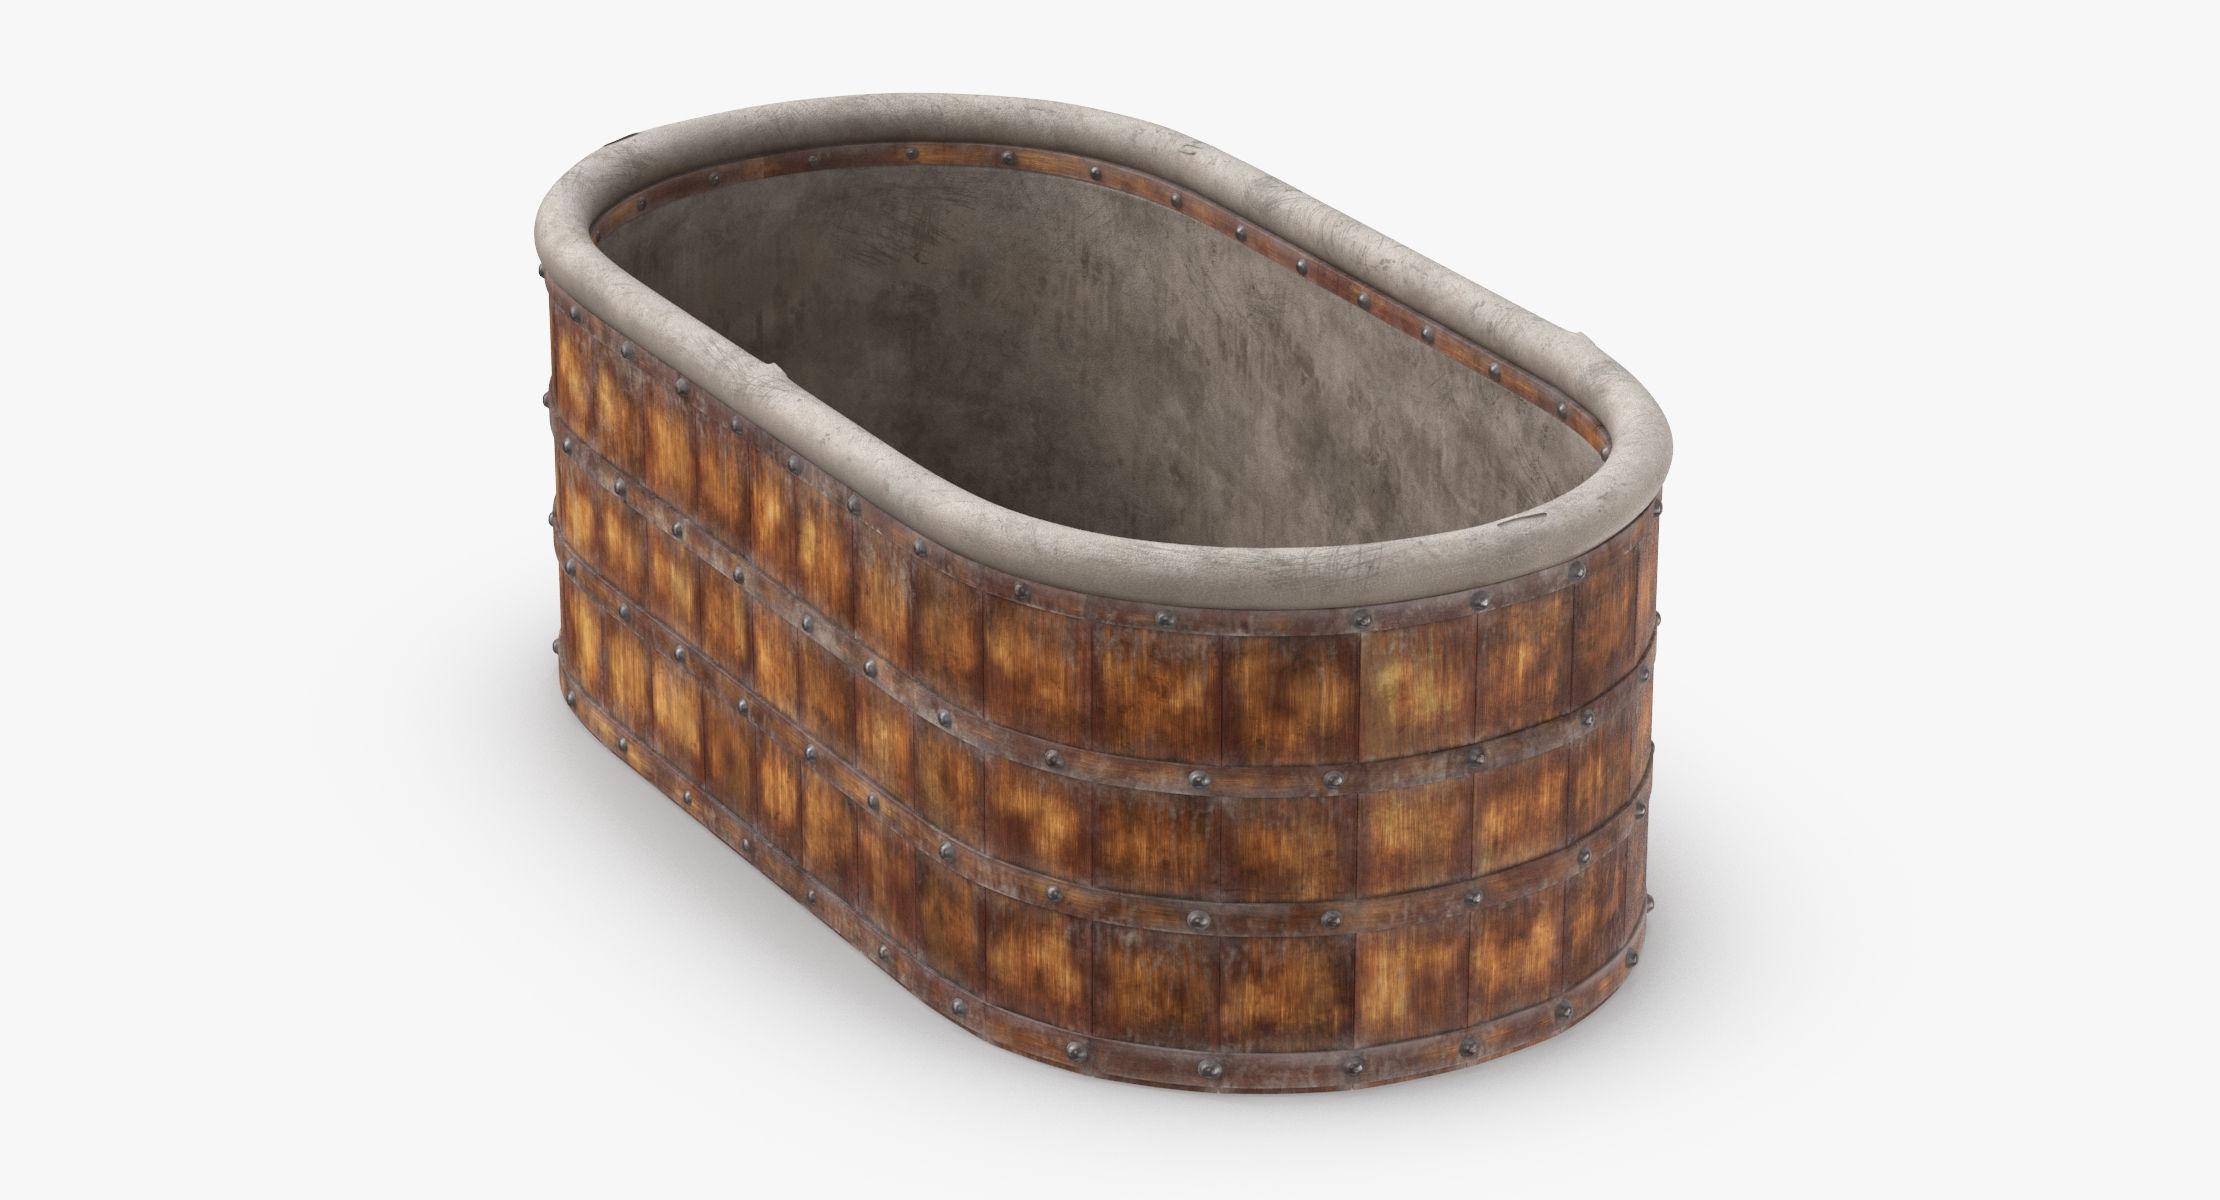 Medieval Wash Tub 02 - reel 1